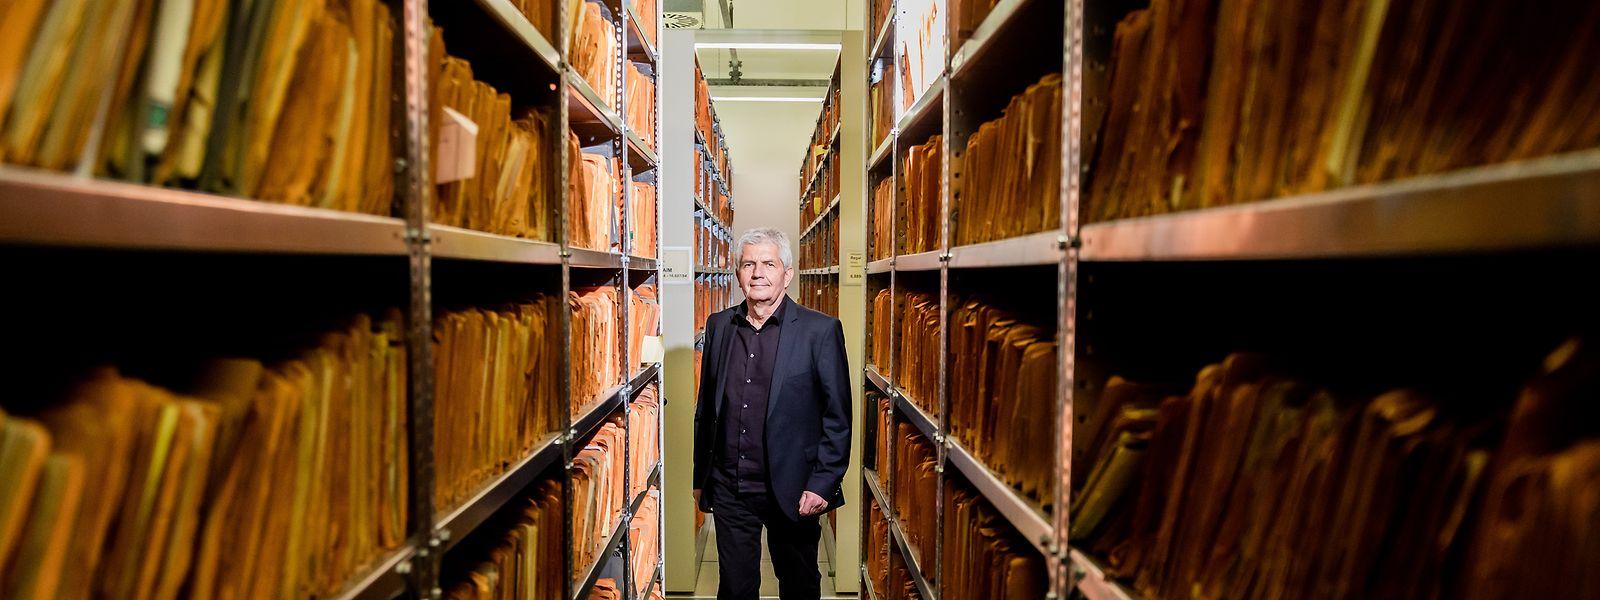 Roland Jahn, scheidender Leiter der Stasi-Unterlagen-Behörde, inmitten von Aktenmetern in der ehemaligen Stasi-Zentrale in Berlin-Lichtenberg.